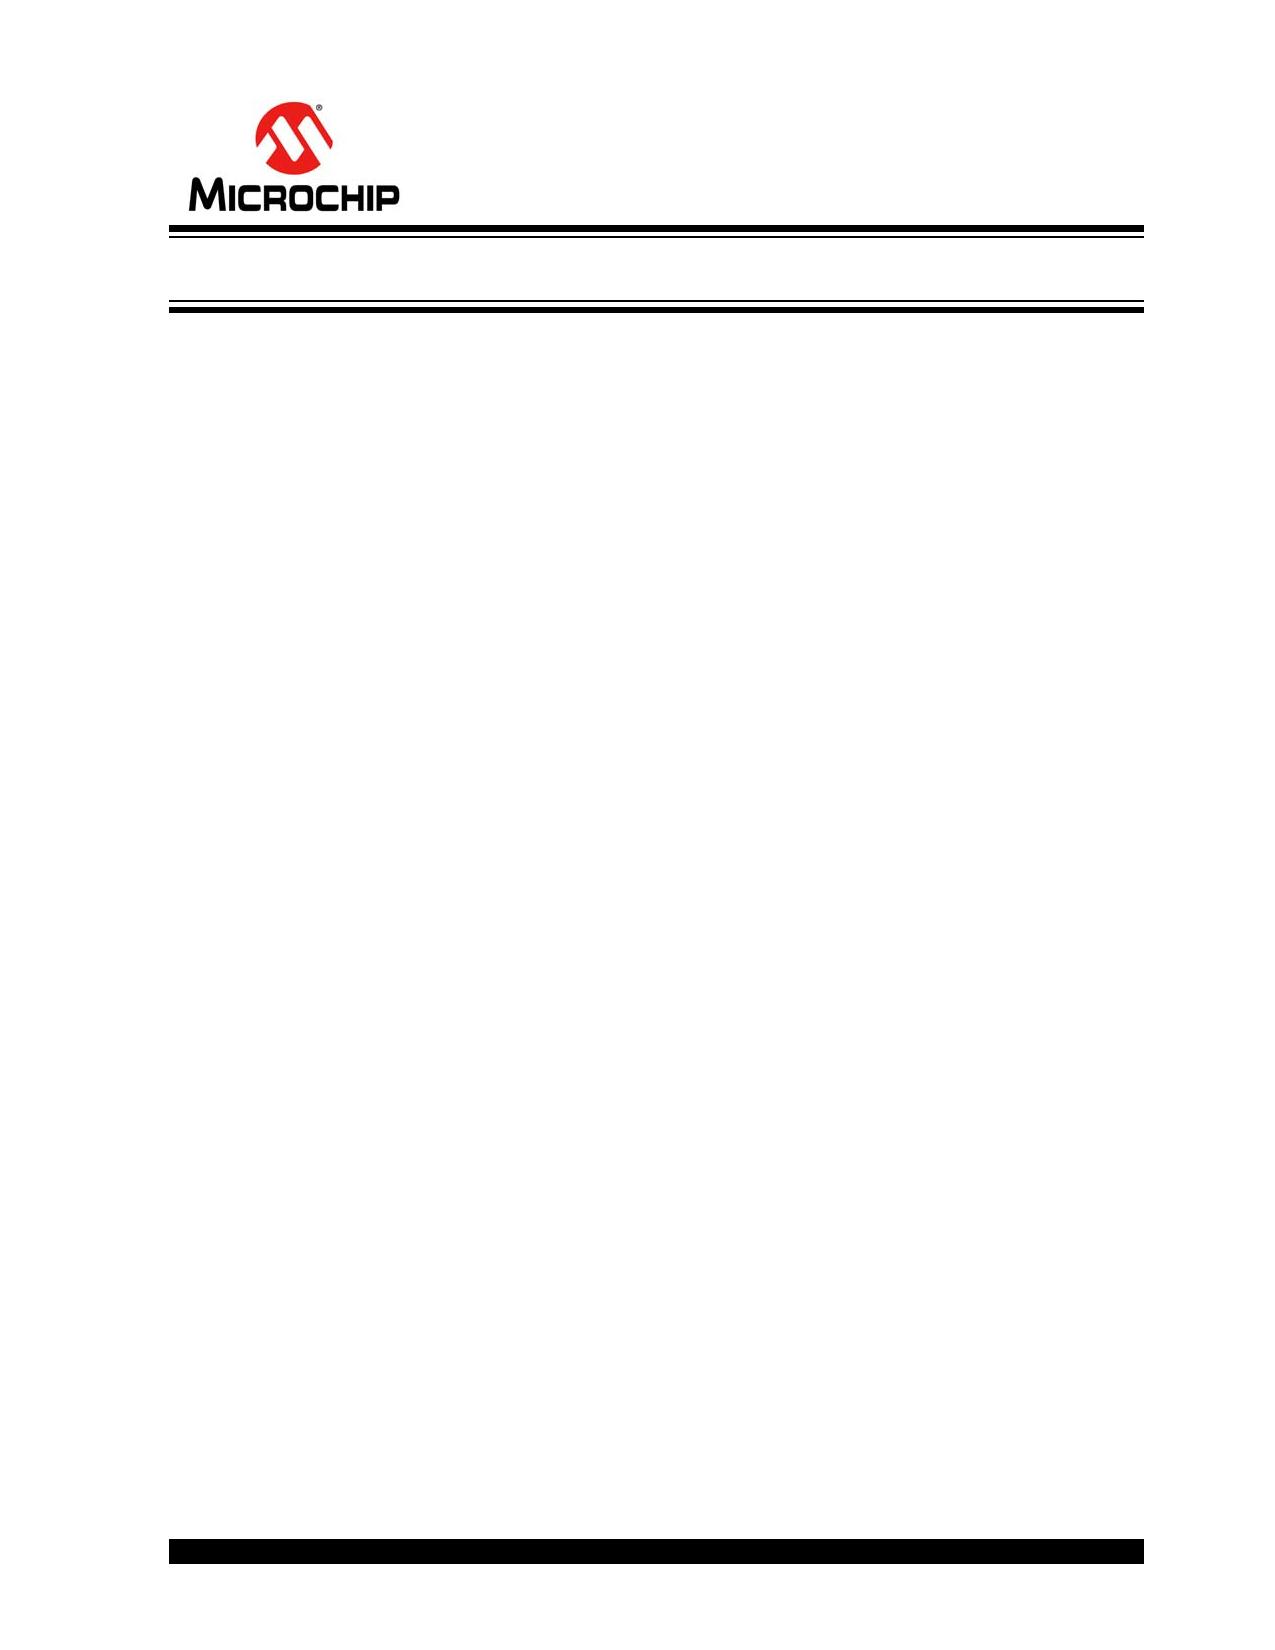 PIC18F45J11 pdf, ピン配列